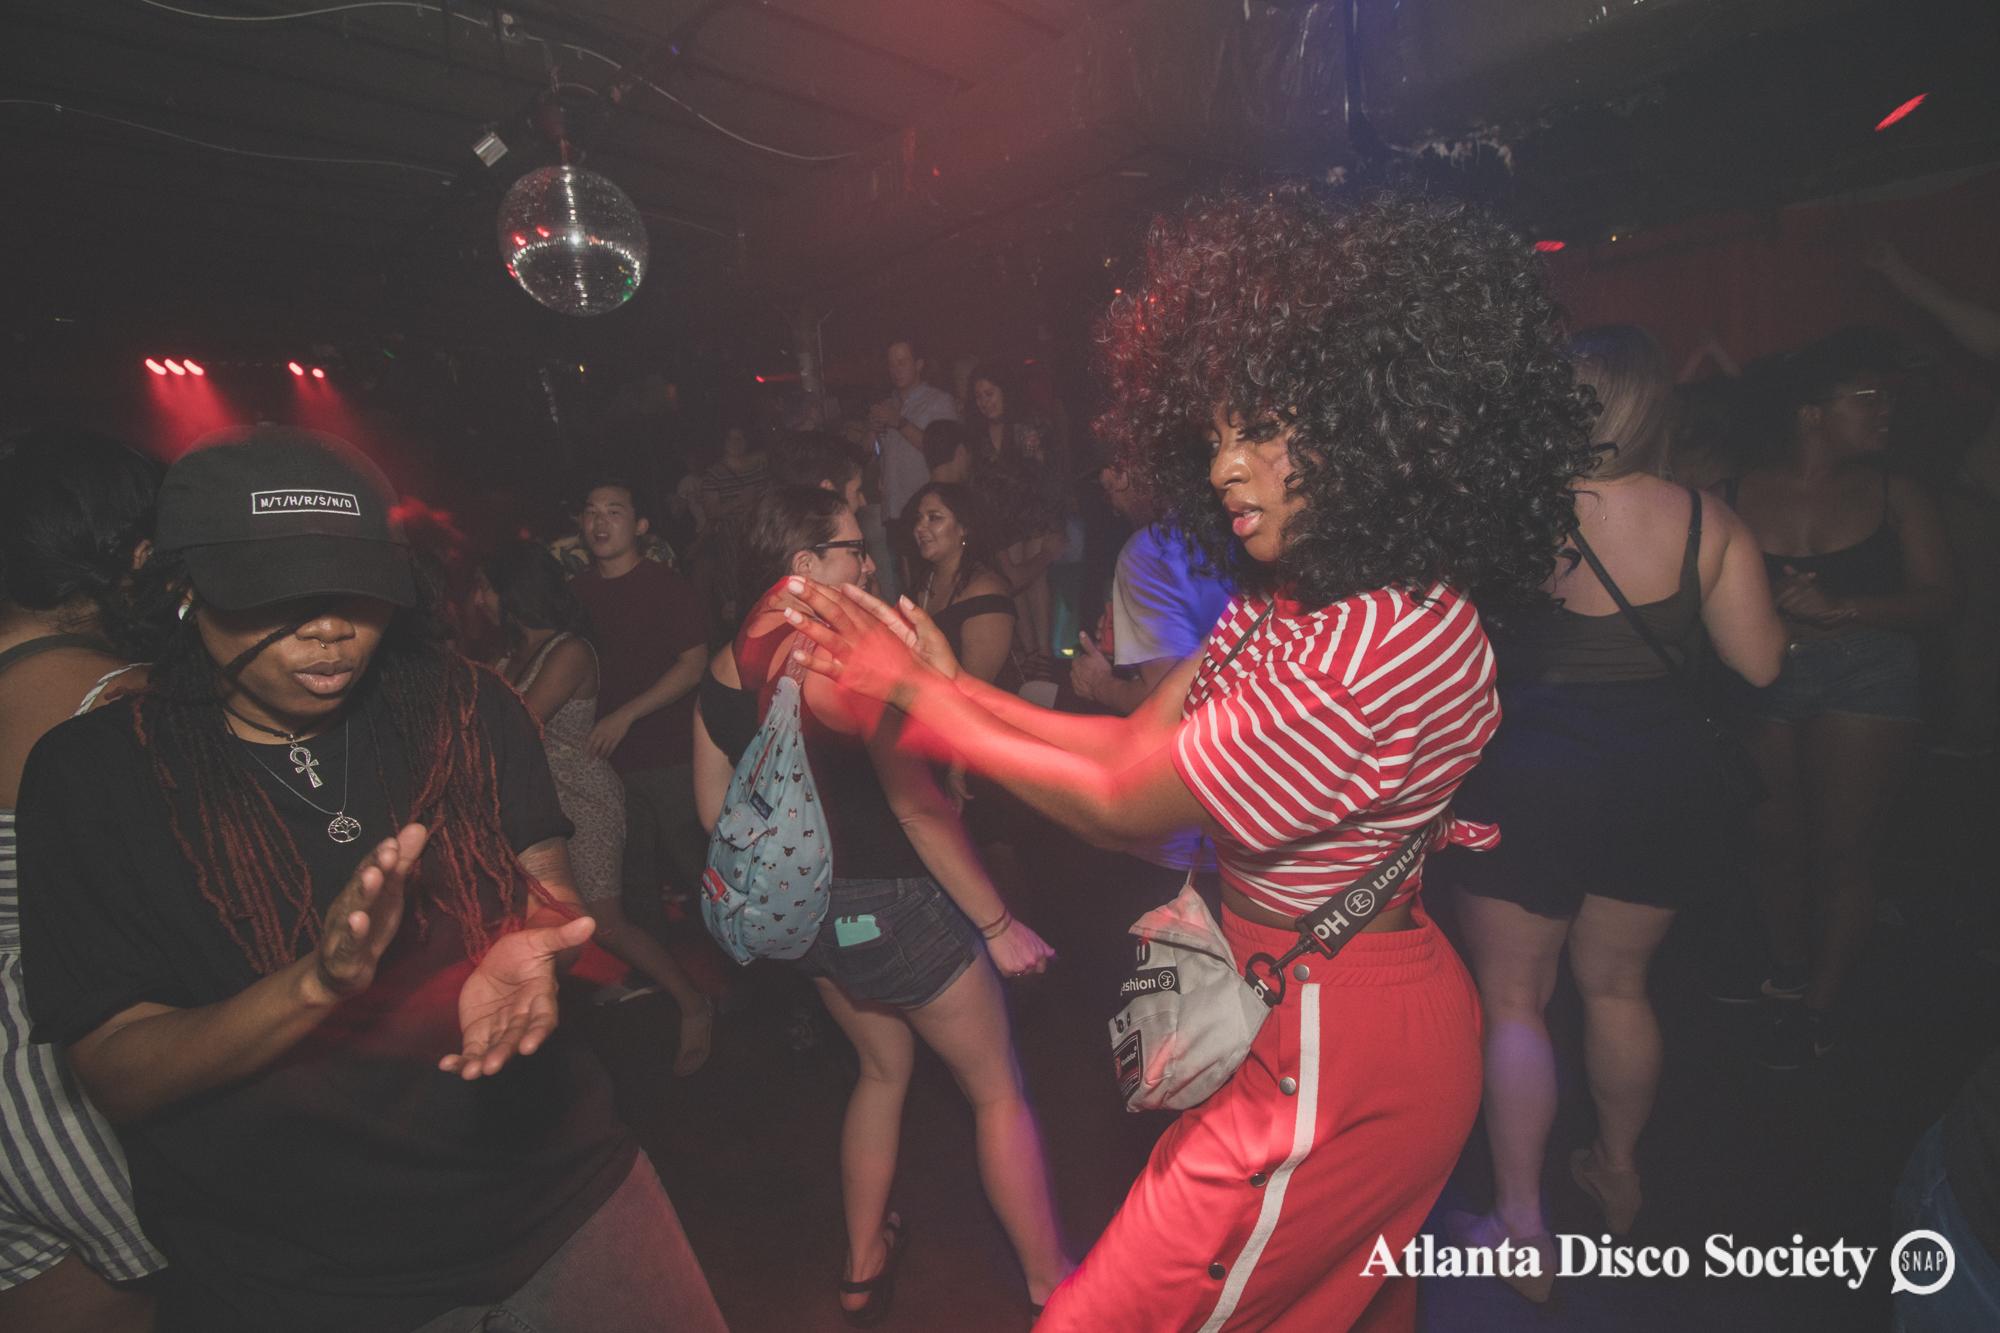 153Atlanta Disco Society Grace Kelly Oh Snap Kid 7.27.19.jpg